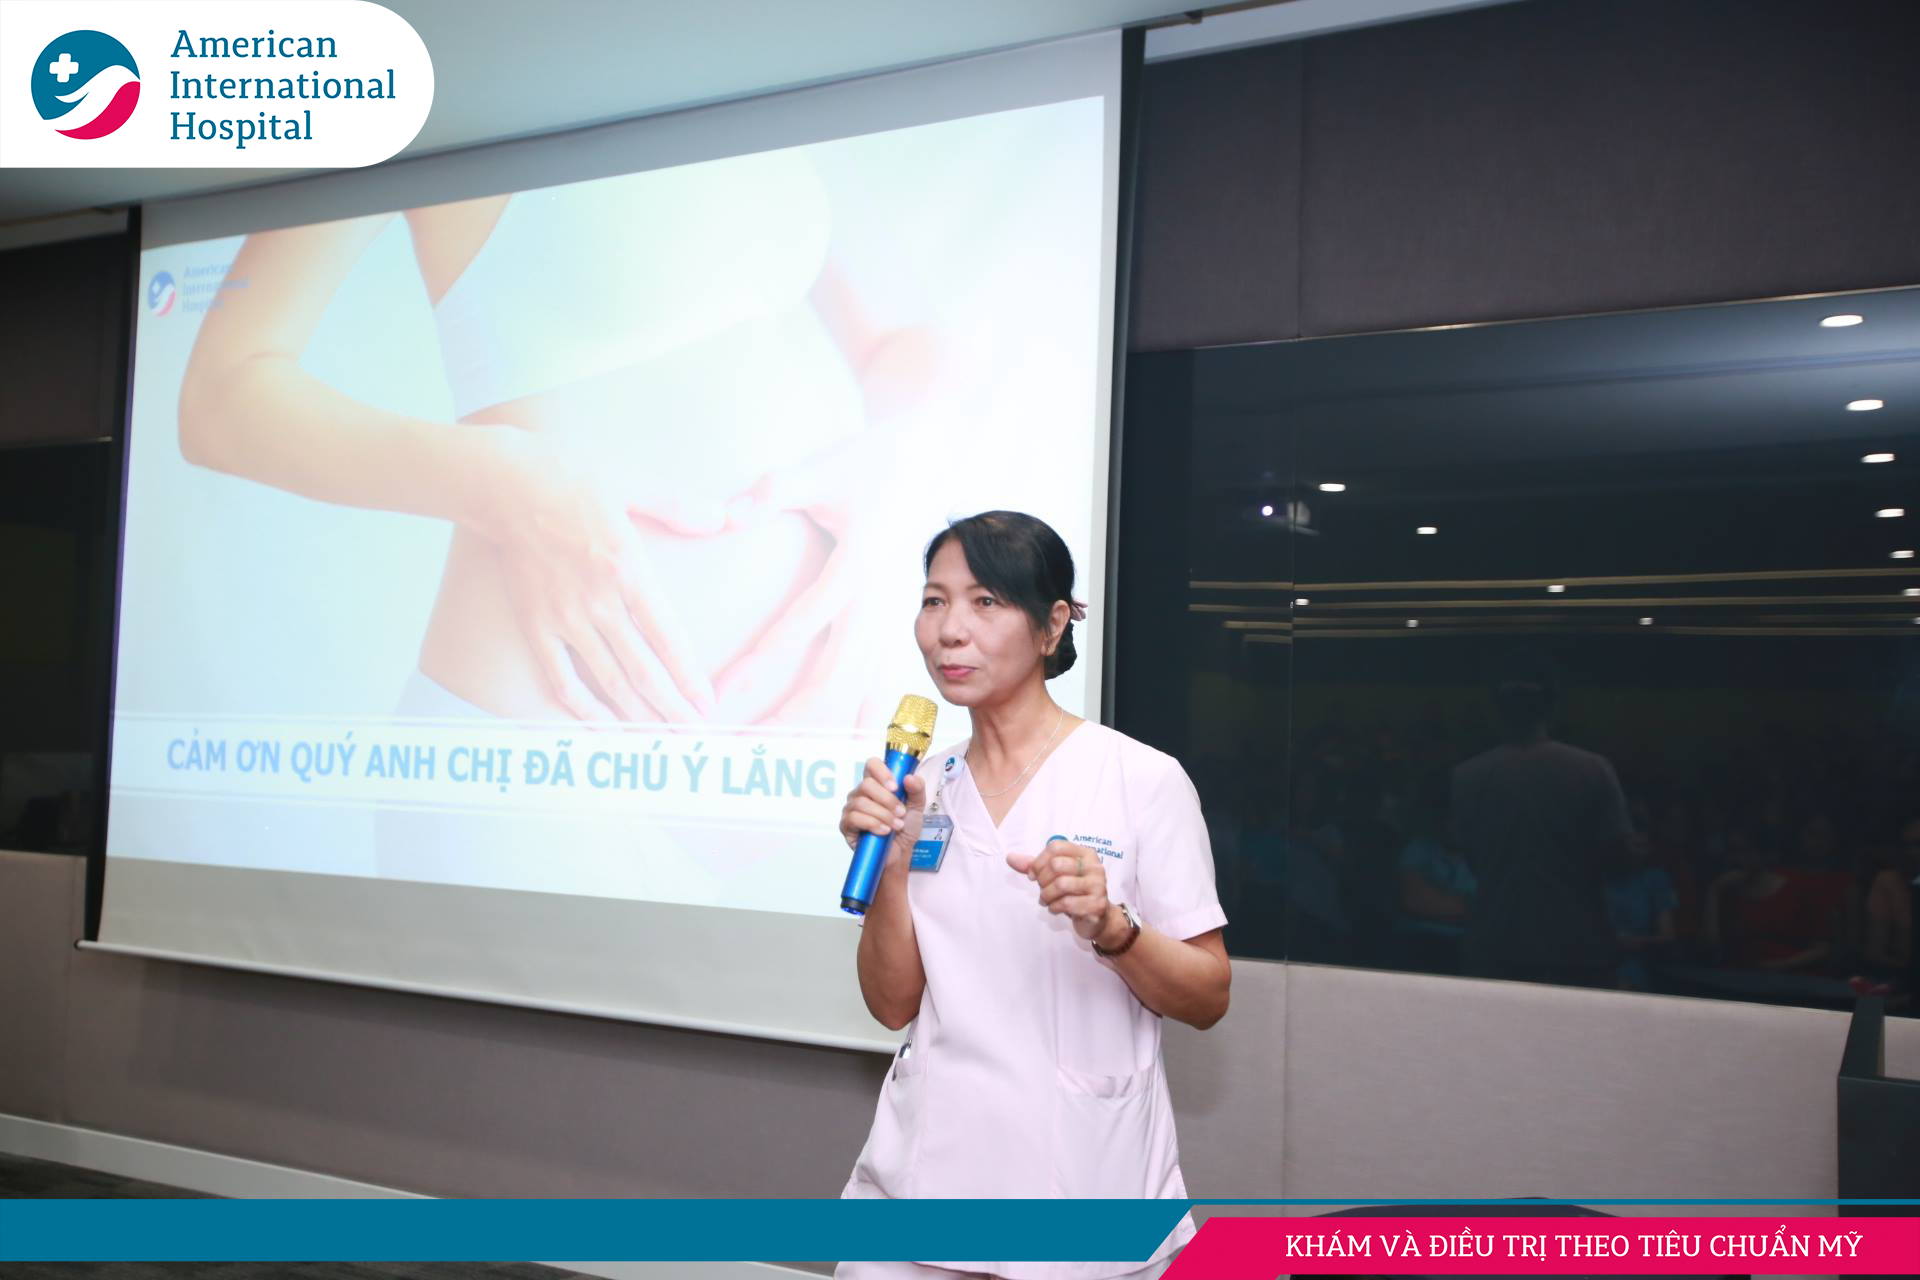 Cử động thai nhi – Những dấu hiệu bất thường mẹ cần lưu ý